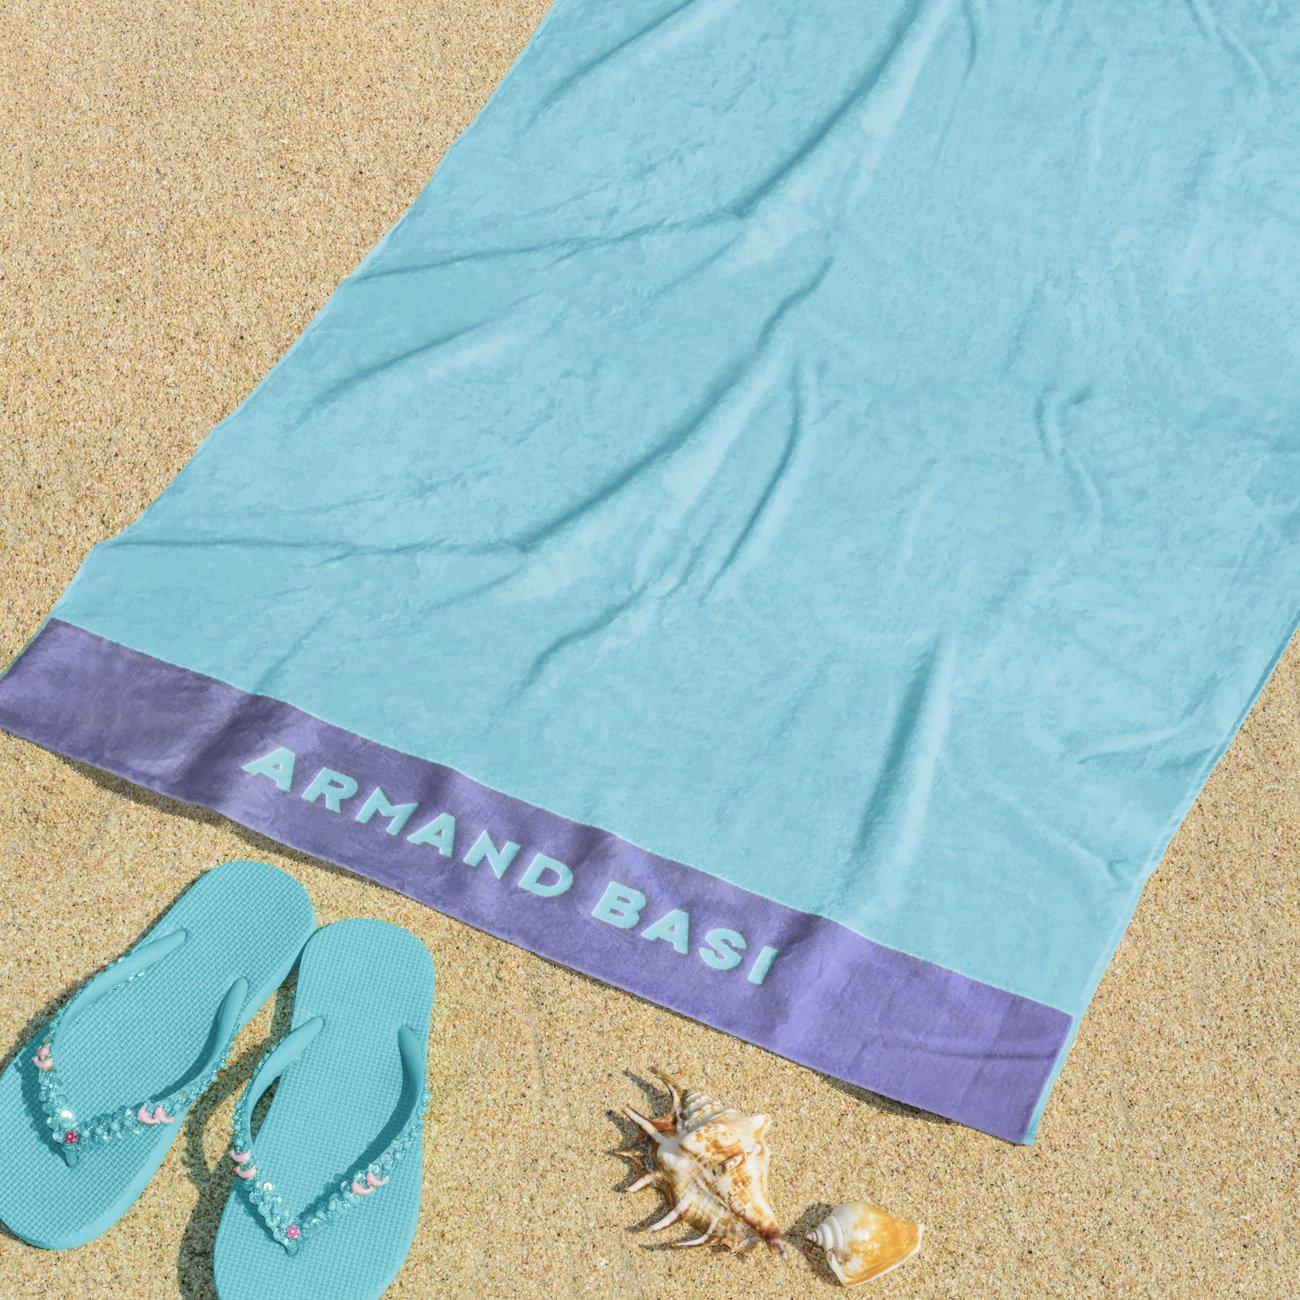 Burrito Blanco Armand Basi Toalla de Playa/Toalla de Piscina 62 Grande Lisa Algodón 100% con Tacto de Terciopelo Rectangular de 100x180 cm, ...